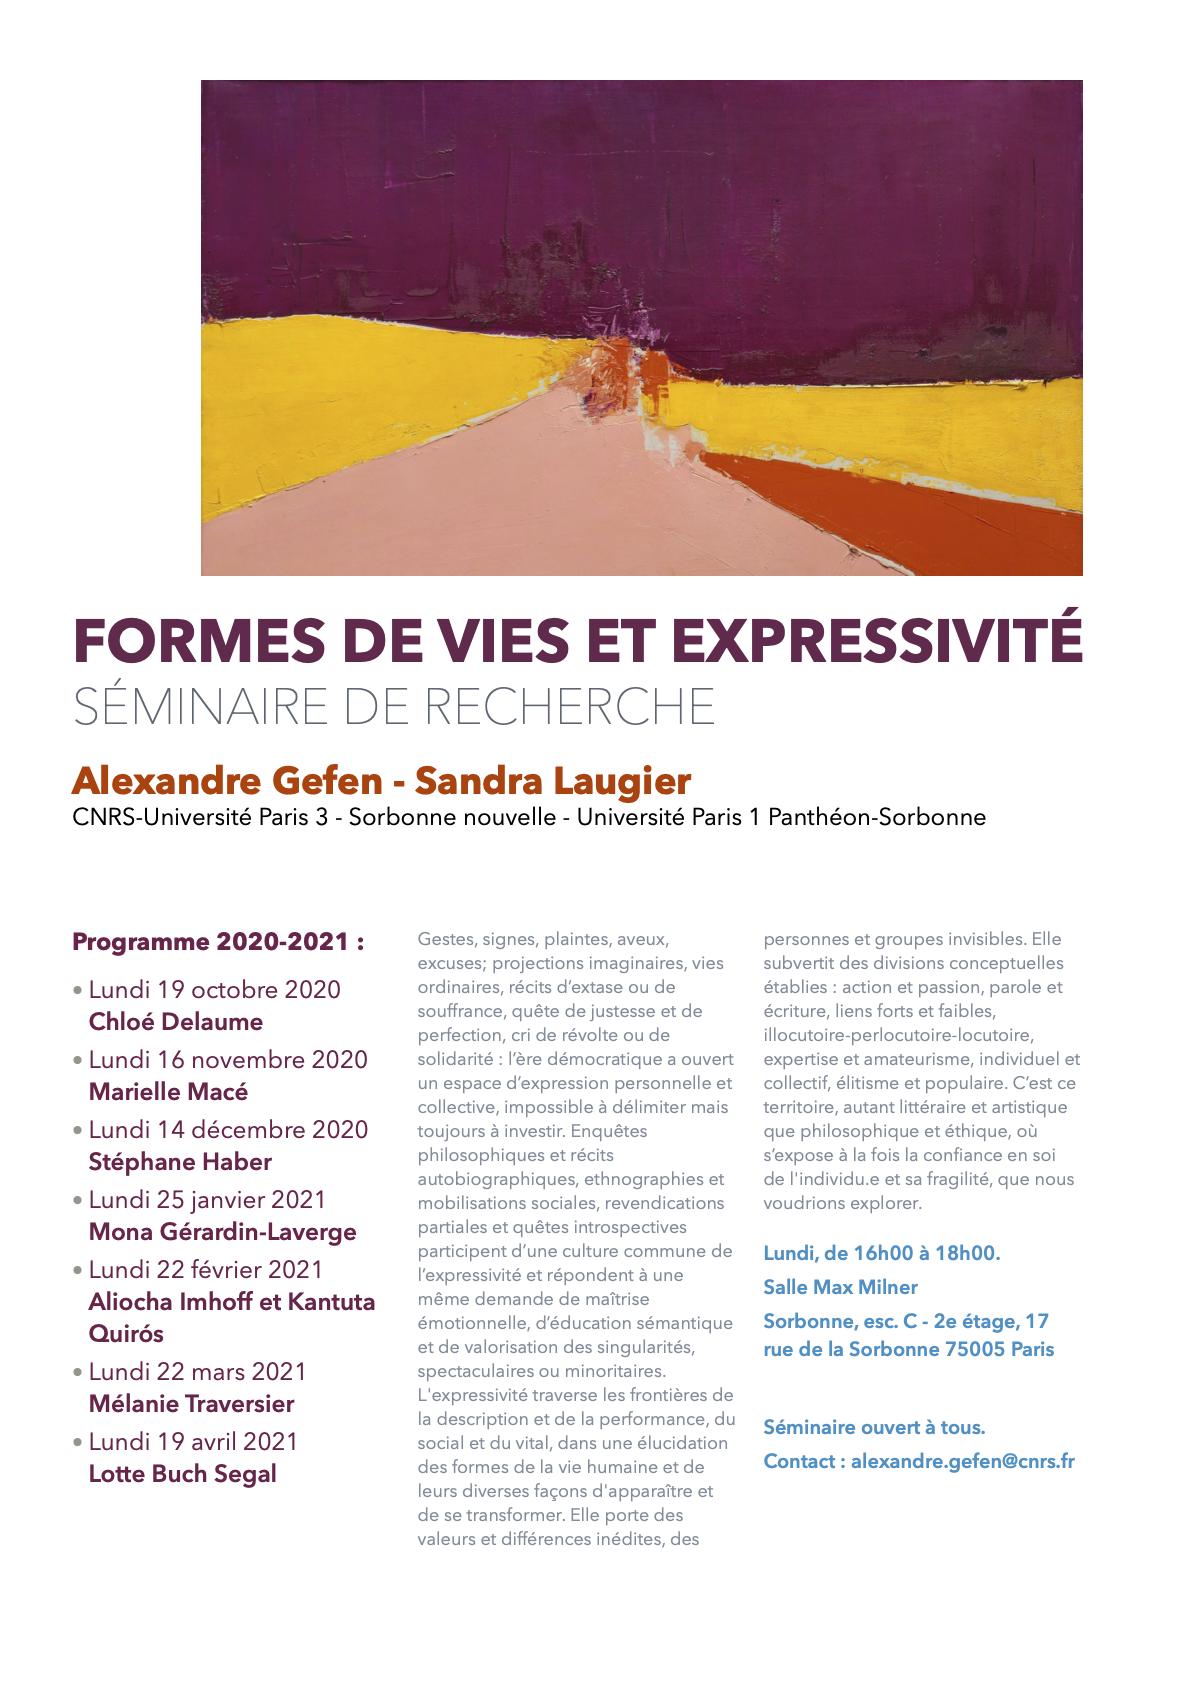 Mélanie Traversier (Formes de vies et Expressivité - Séminaire de recherche 2020-2021)